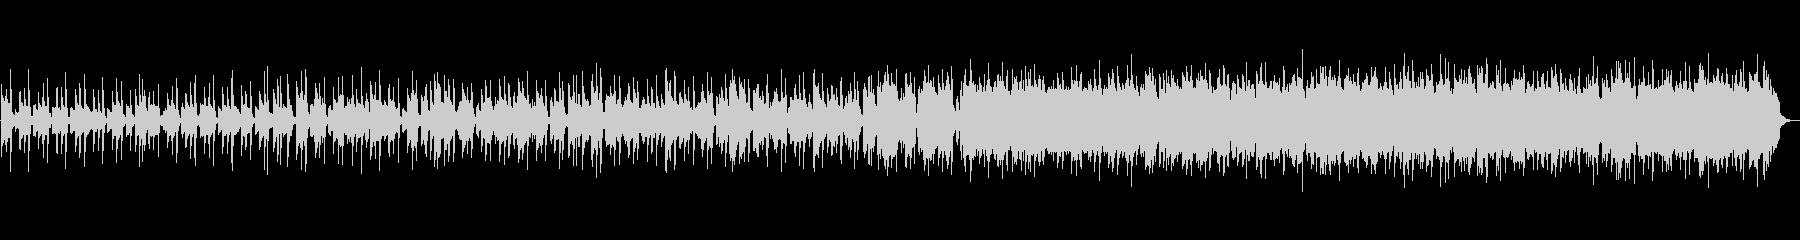 渋い雰囲気のファンク_No523の未再生の波形